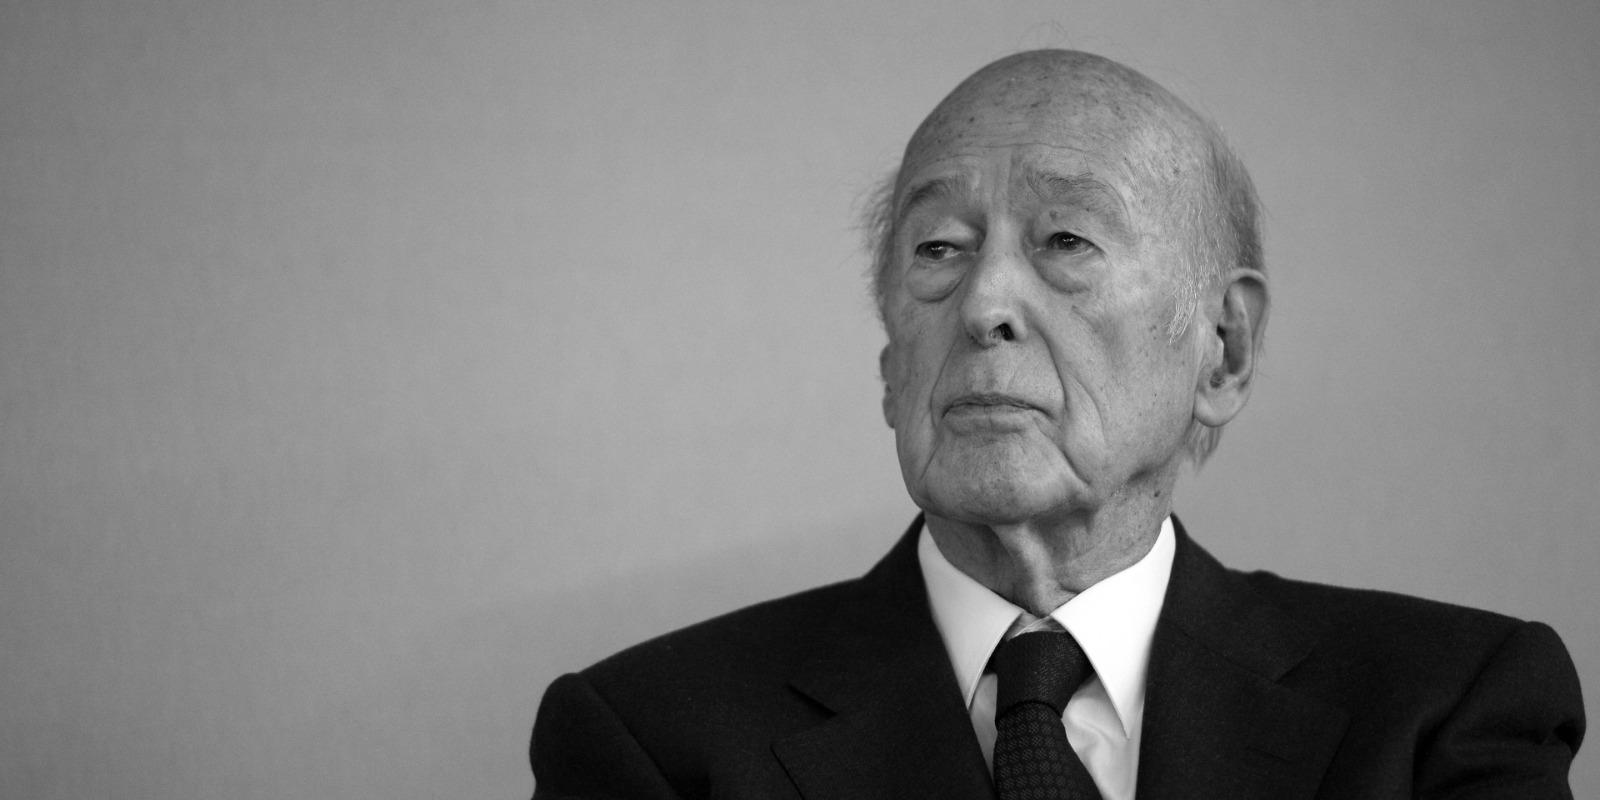 Décès de Valéry Giscard d'Estaing : un jour de deuil national décrété le 9 décembre